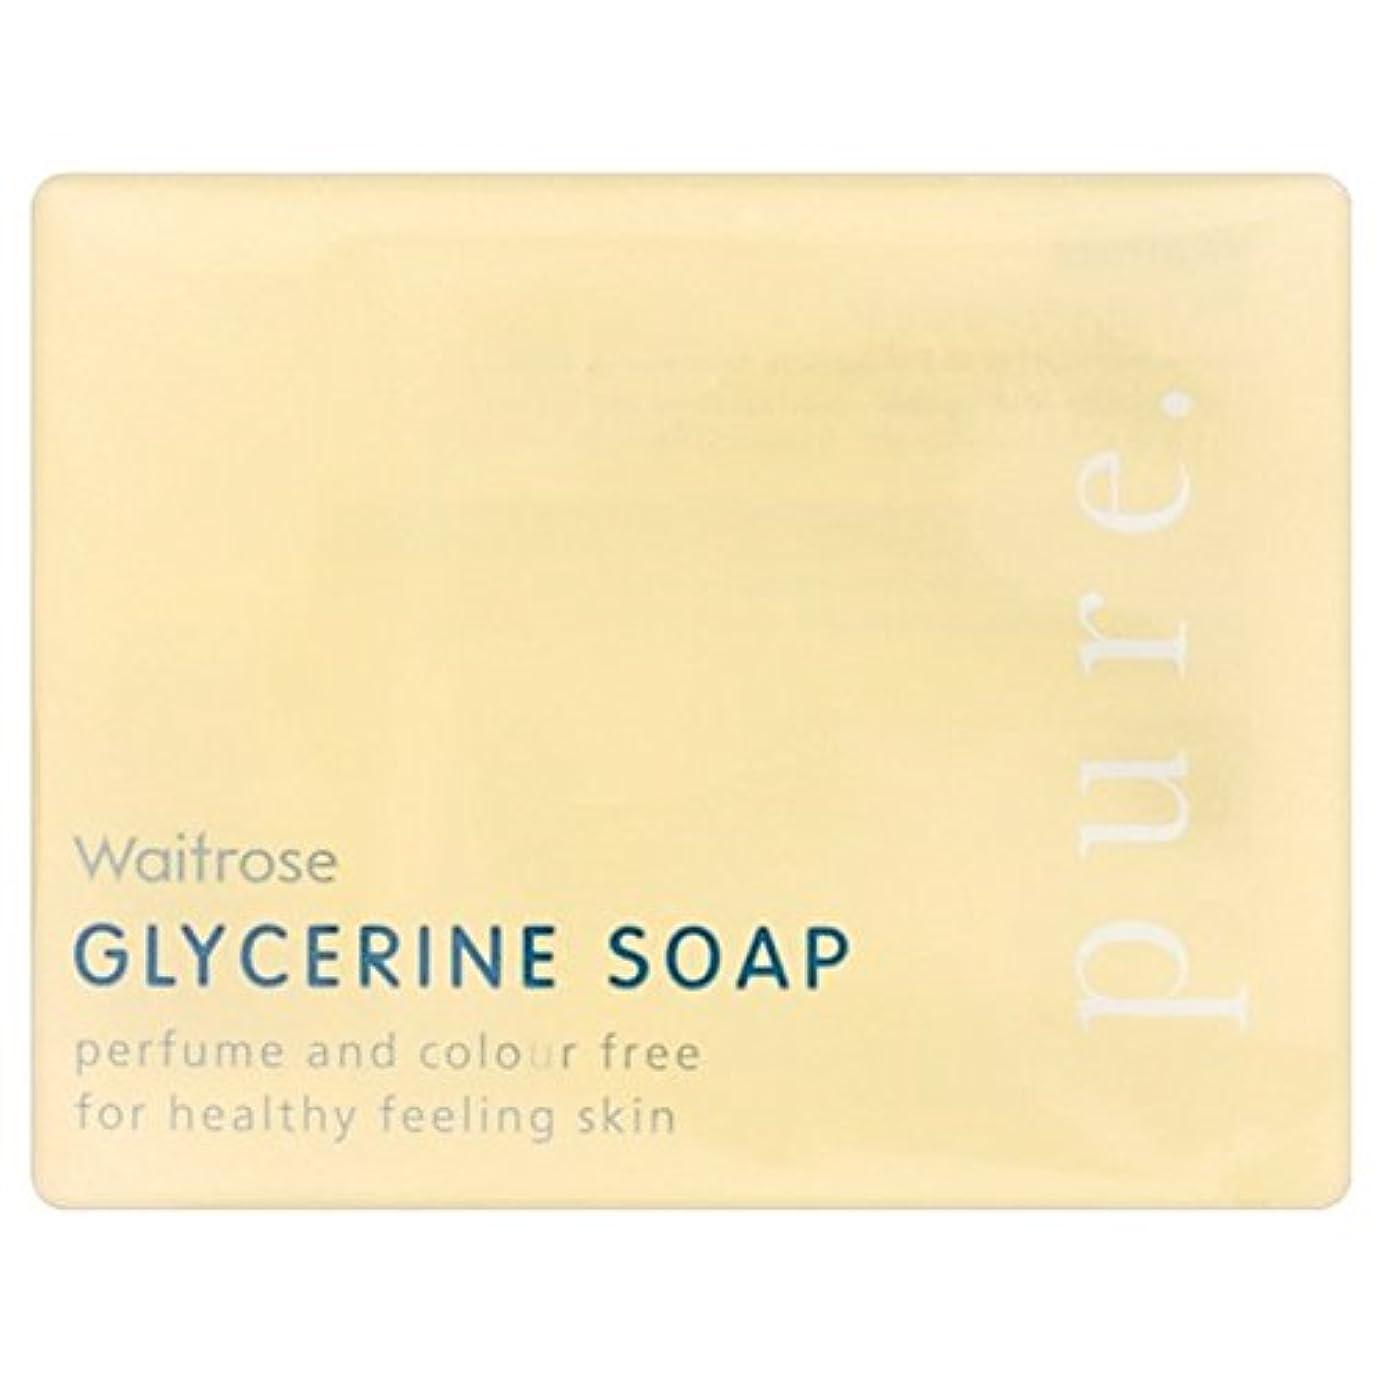 静かな罪悪感敵Pure Glycerine Soap Waitrose 100g (Pack of 6) - 純粋なグリセリンソープウェイトローズの100グラム x6 [並行輸入品]